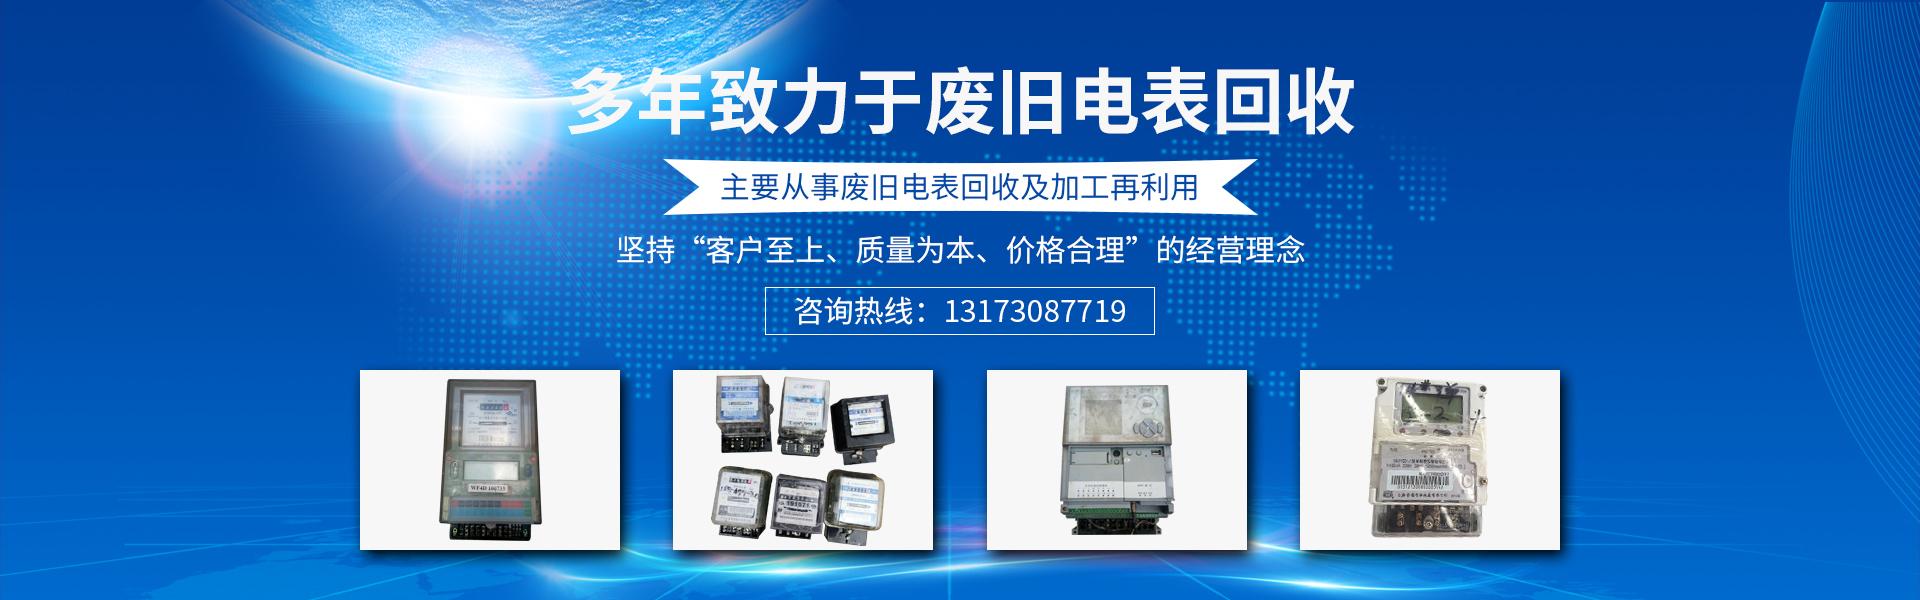 废旧电表,废旧电表回收,二手电表回收,废旧电表箱